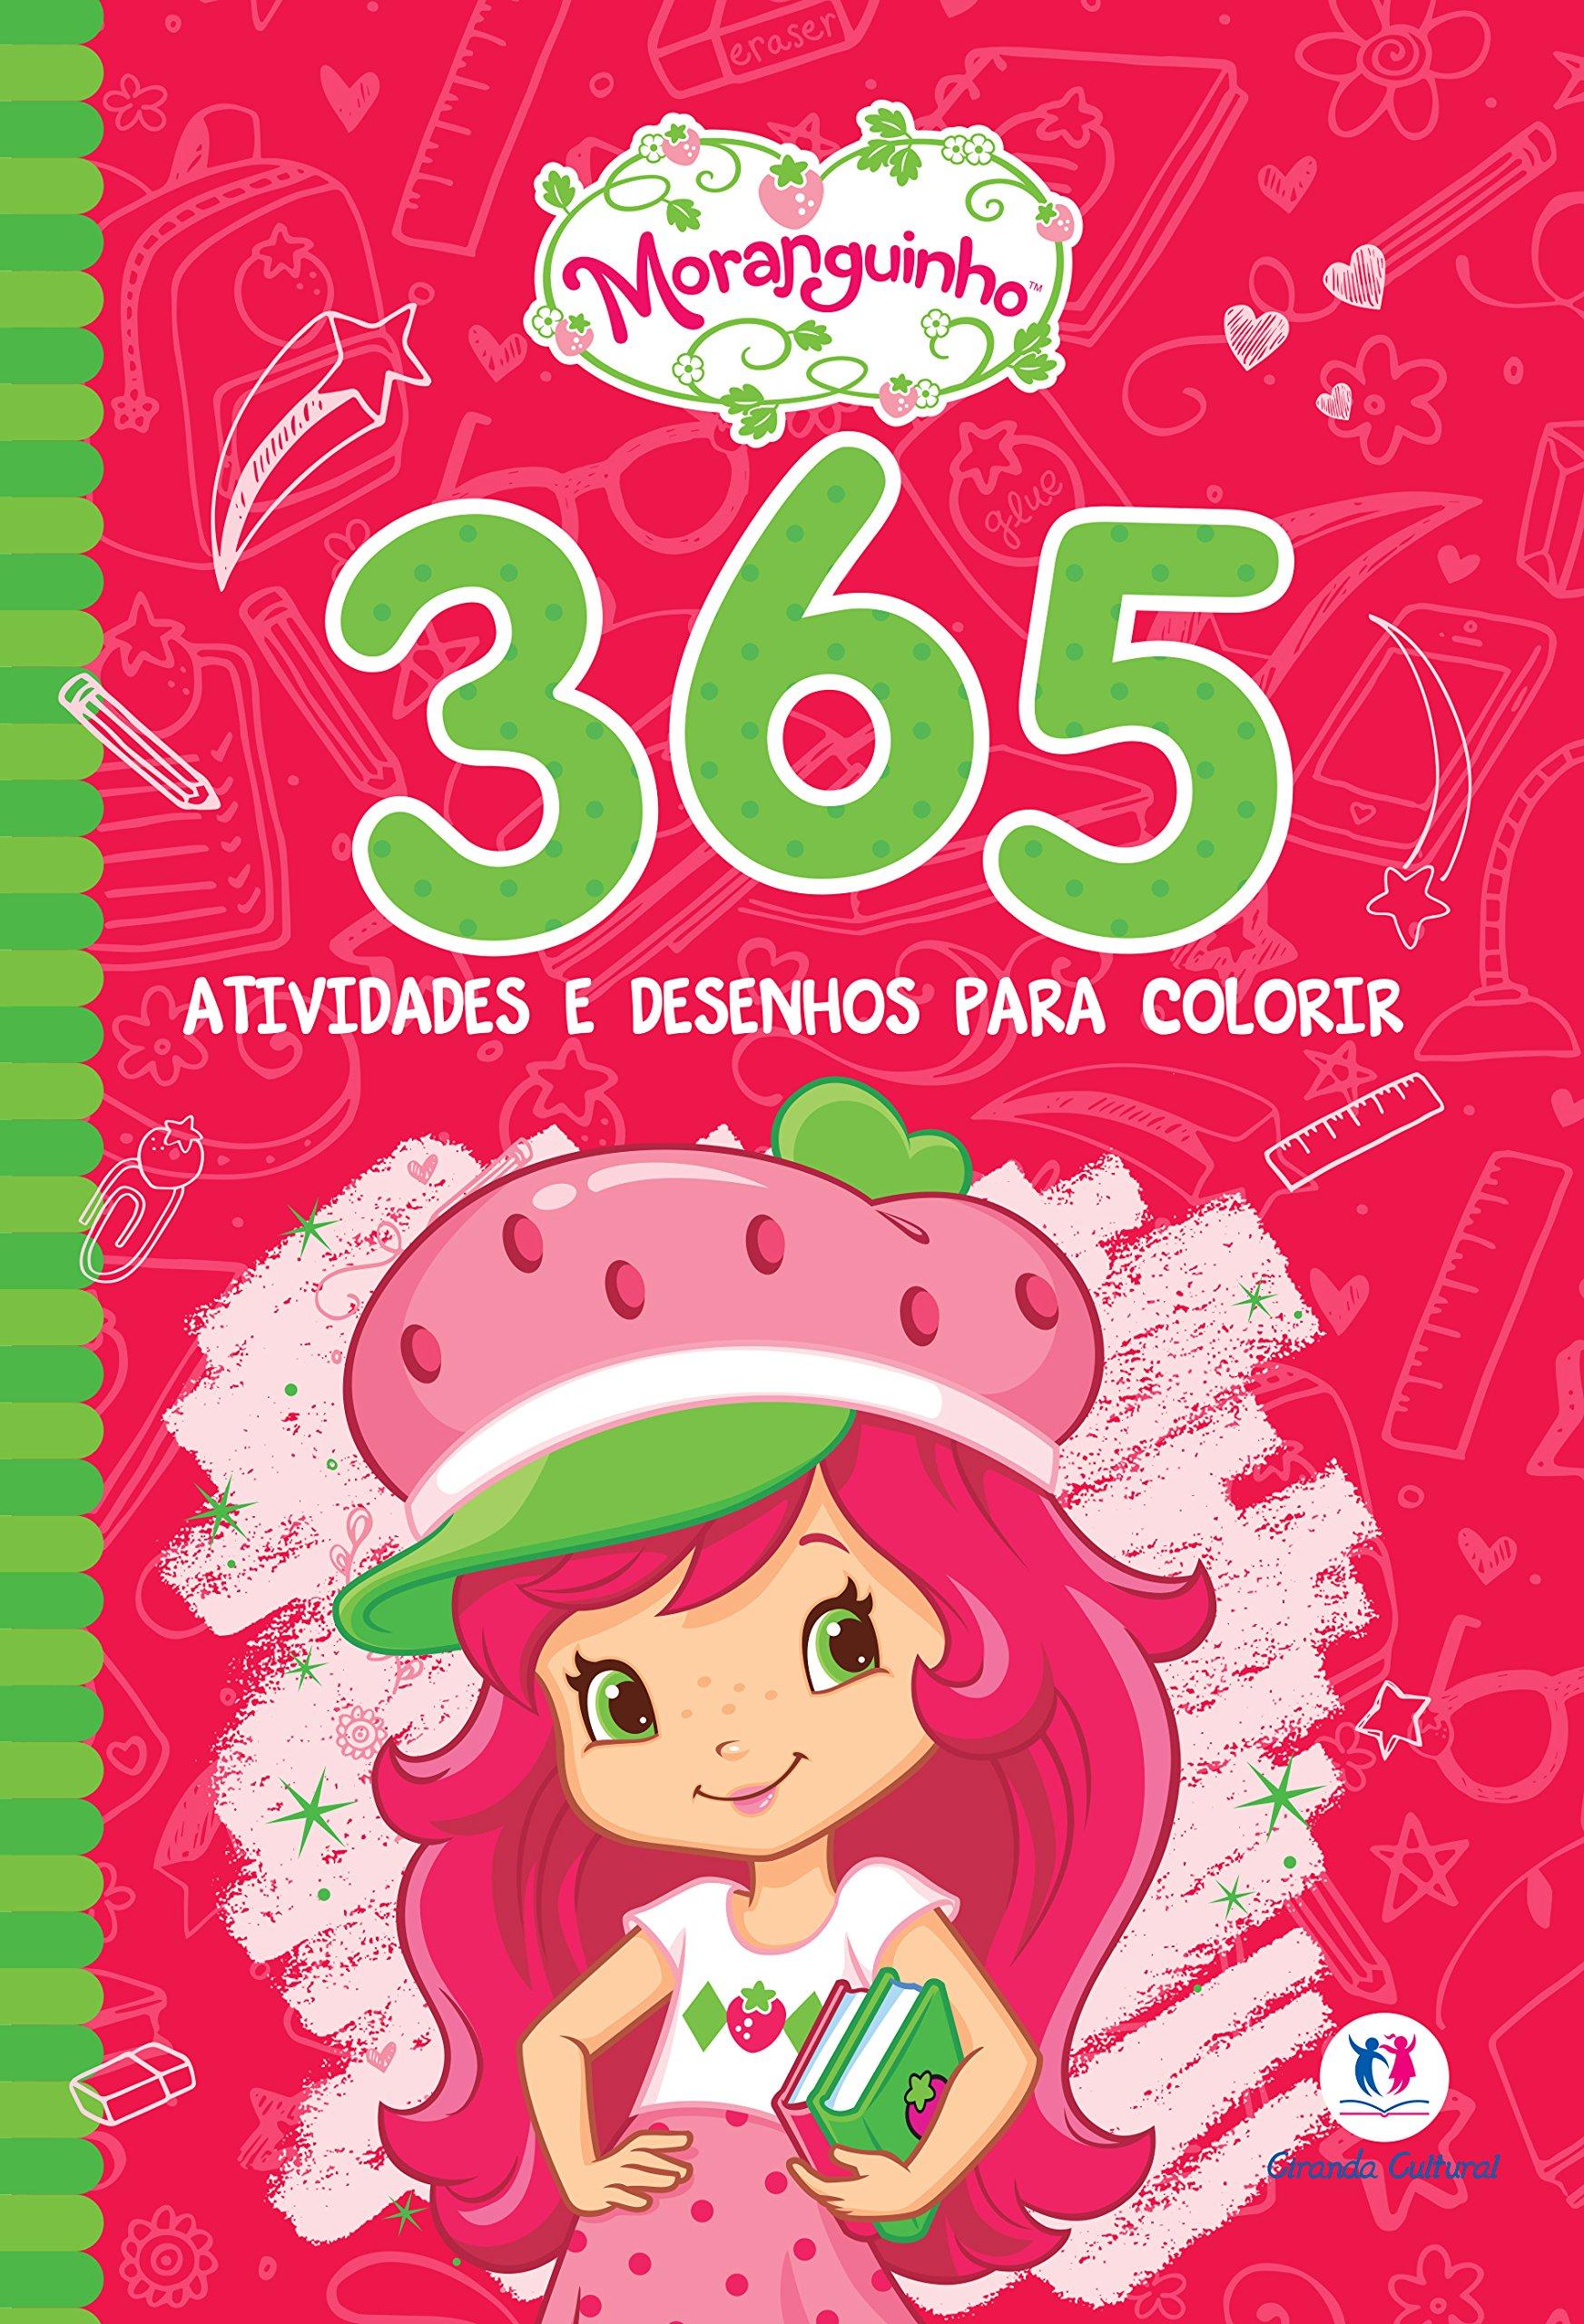 Moranguinho 365 Atividades E Desenhos Para Colorir Varios